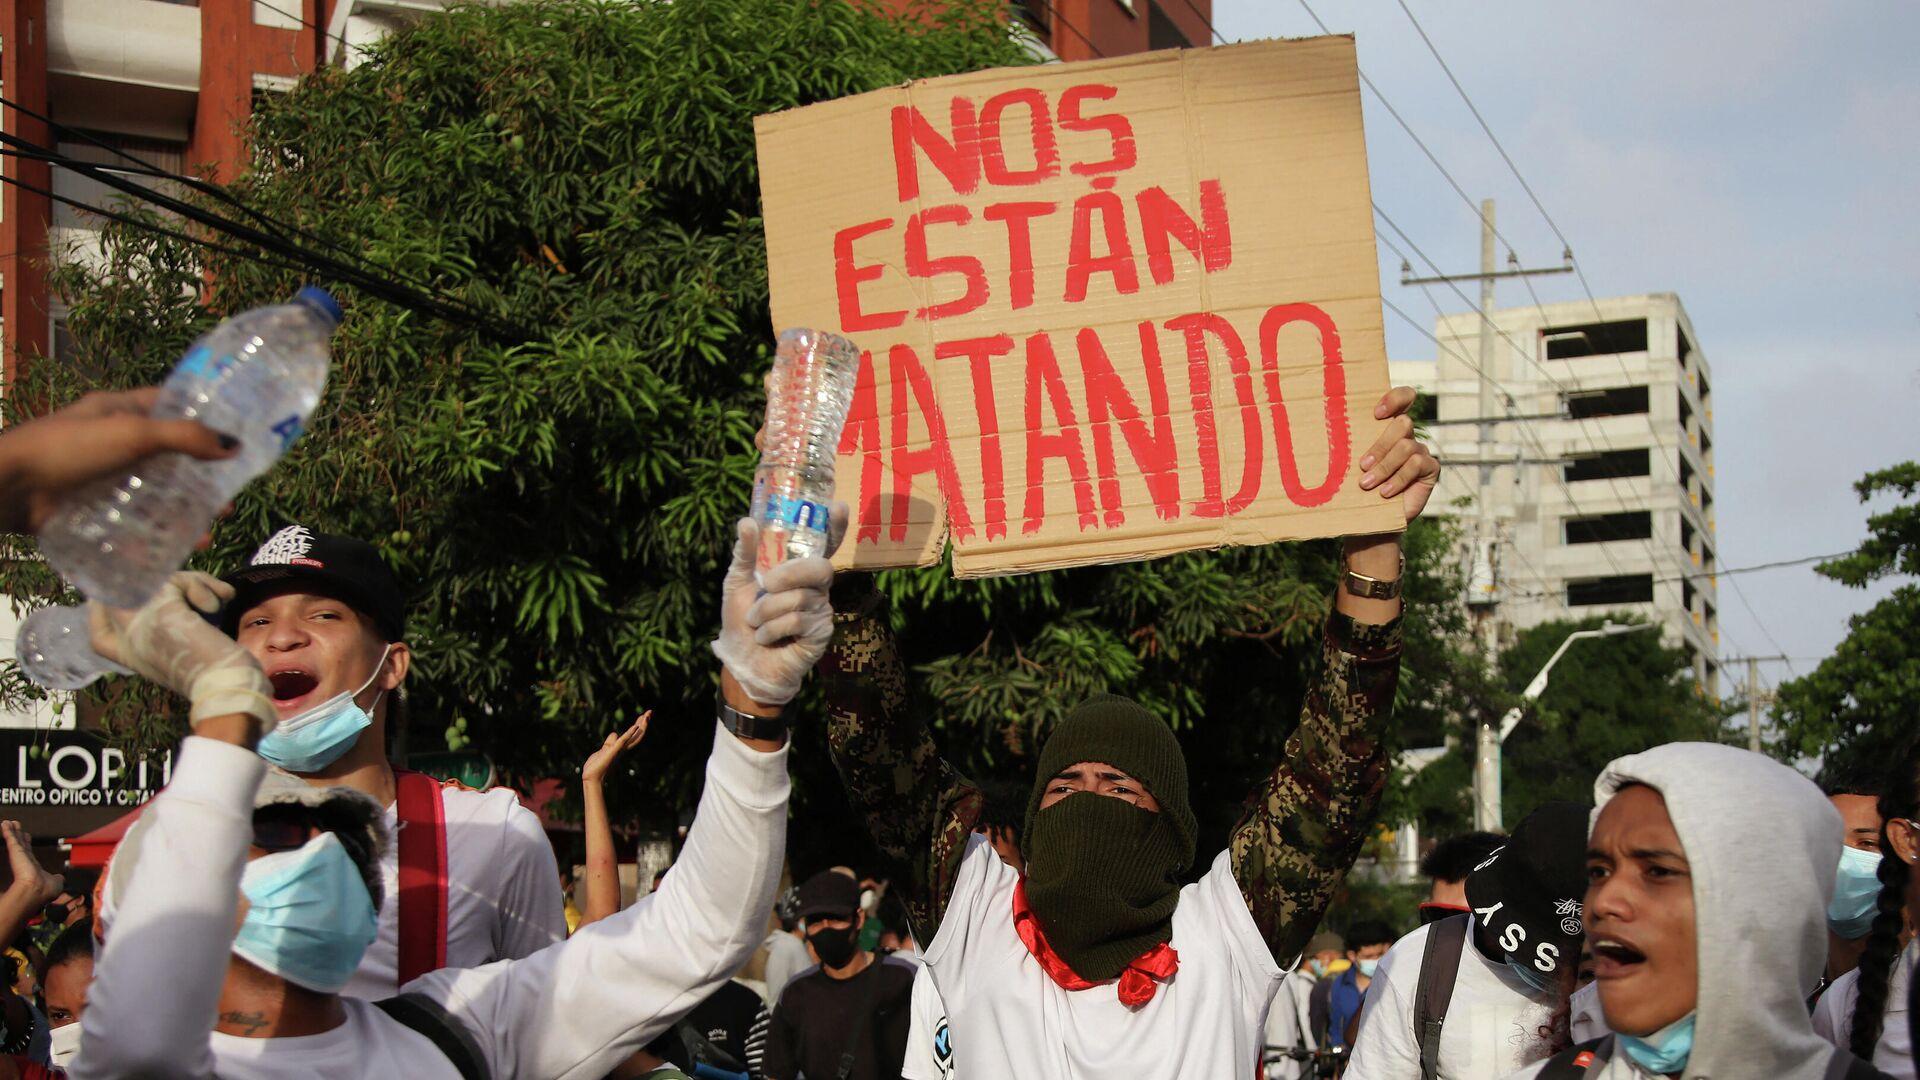 Un manifestante sostiene una pancarta que dice 'nos están matando' frente al estadio Romelio Martínez en Barranquilla. 13 de mayo de 2021 - Sputnik Mundo, 1920, 19.05.2021